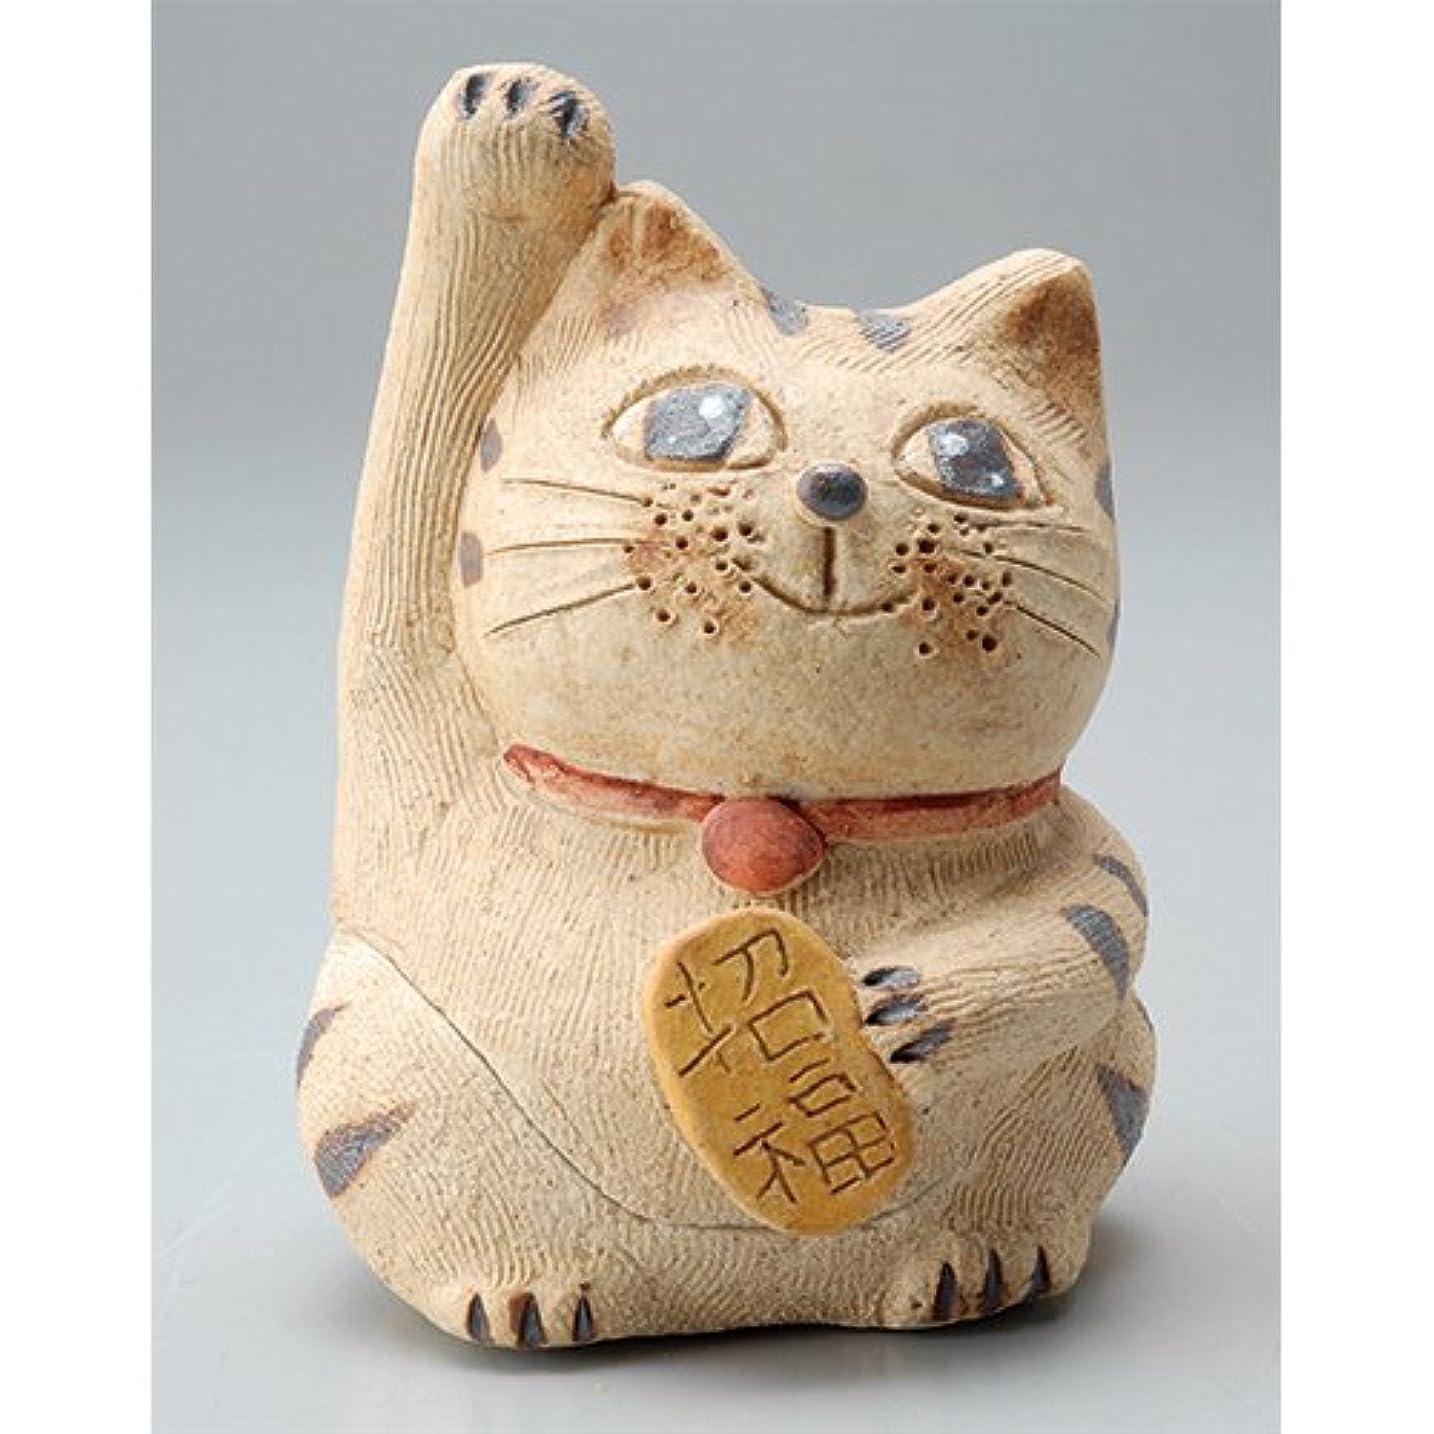 香炉 円な瞳招き猫(お金招き)香炉(小) [H8.5cm] HANDMADE プレゼント ギフト 和食器 かわいい インテリア